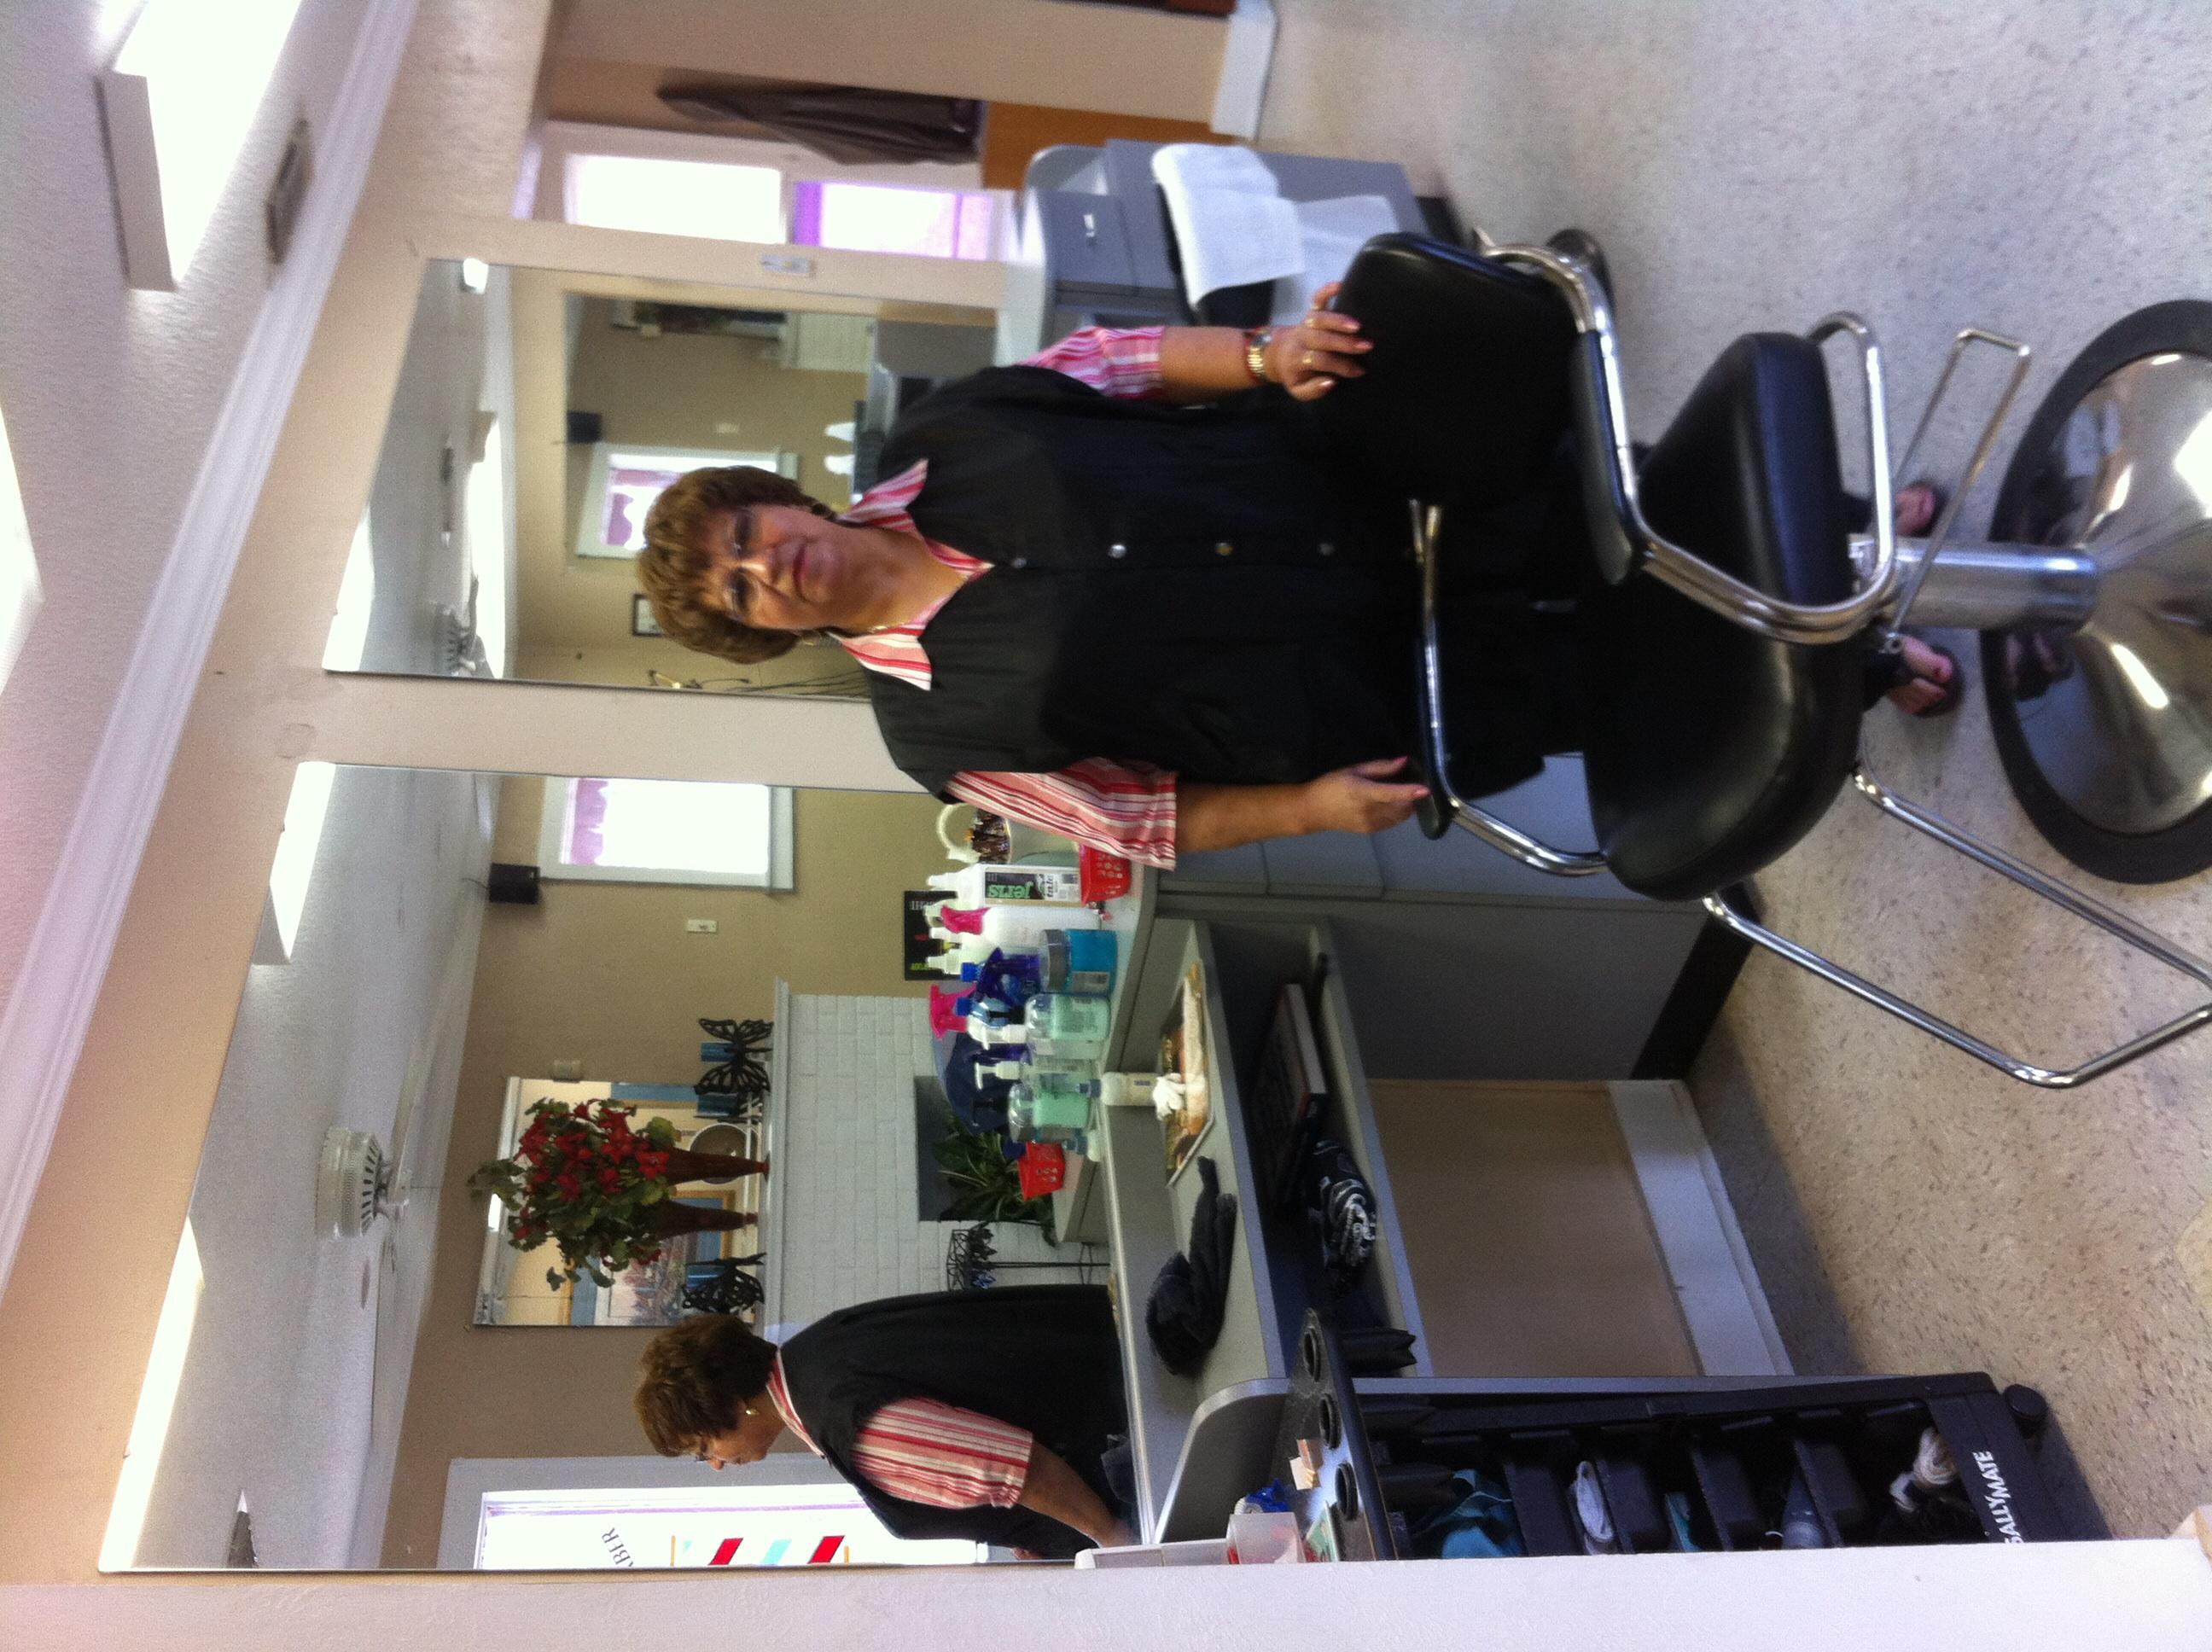 Salon One